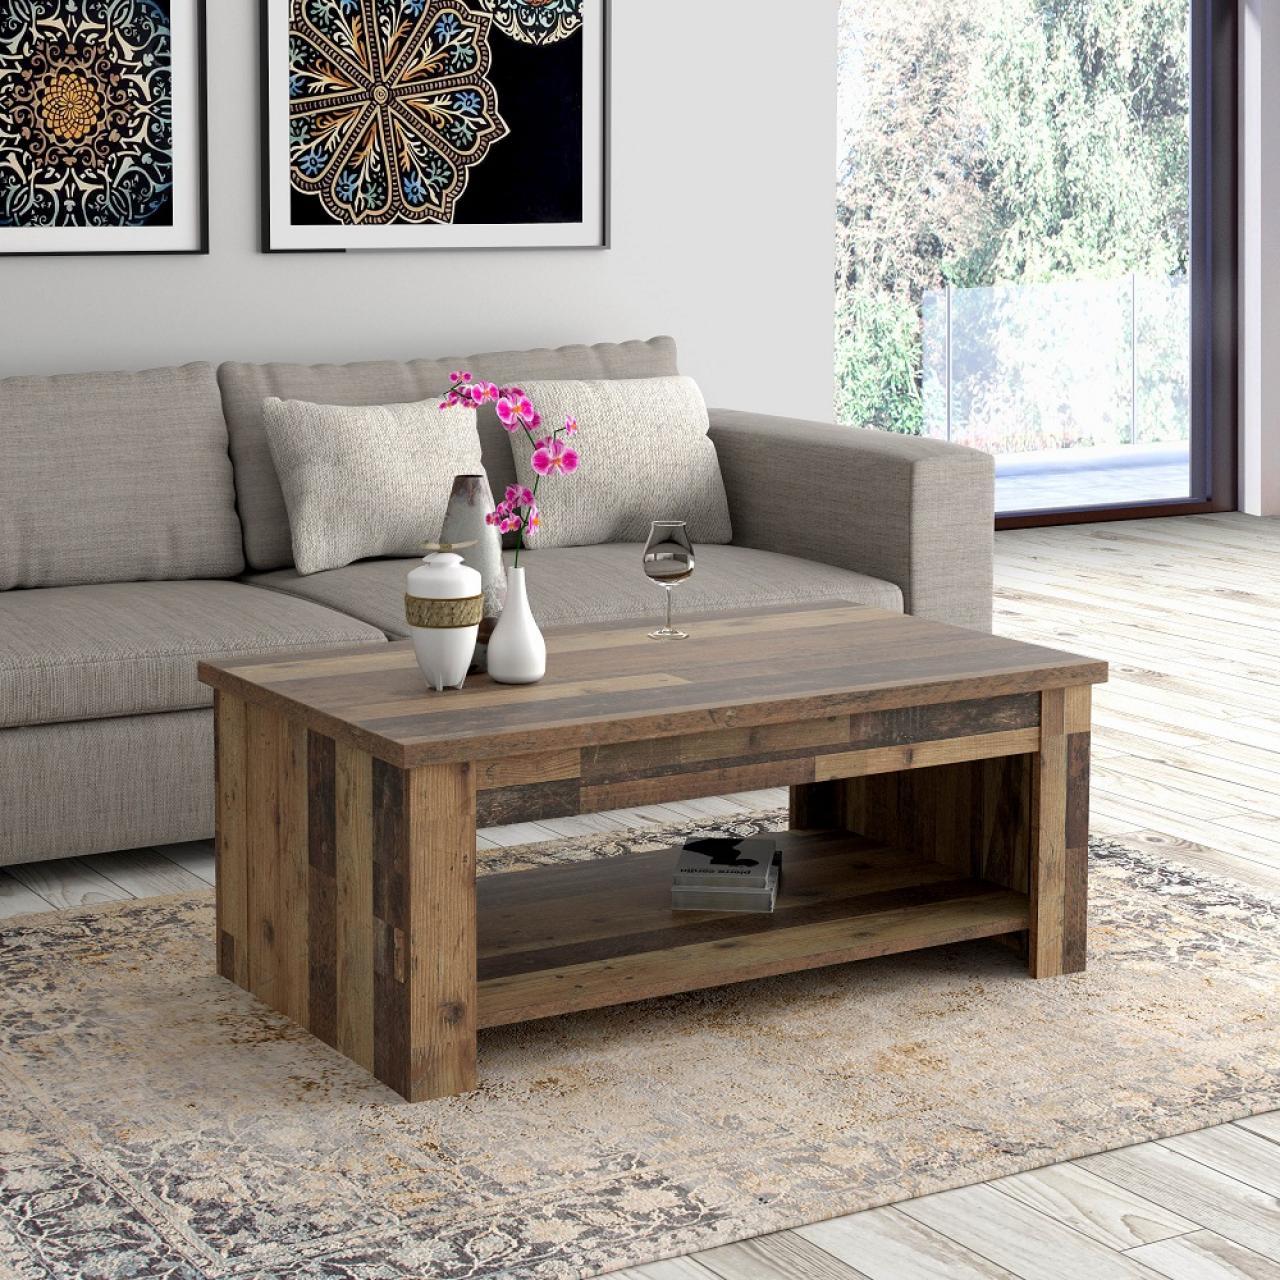 Couchtisch Duro Mit Funktion Old-Wood Vintage Stubentisch Beistelltisch Tisch